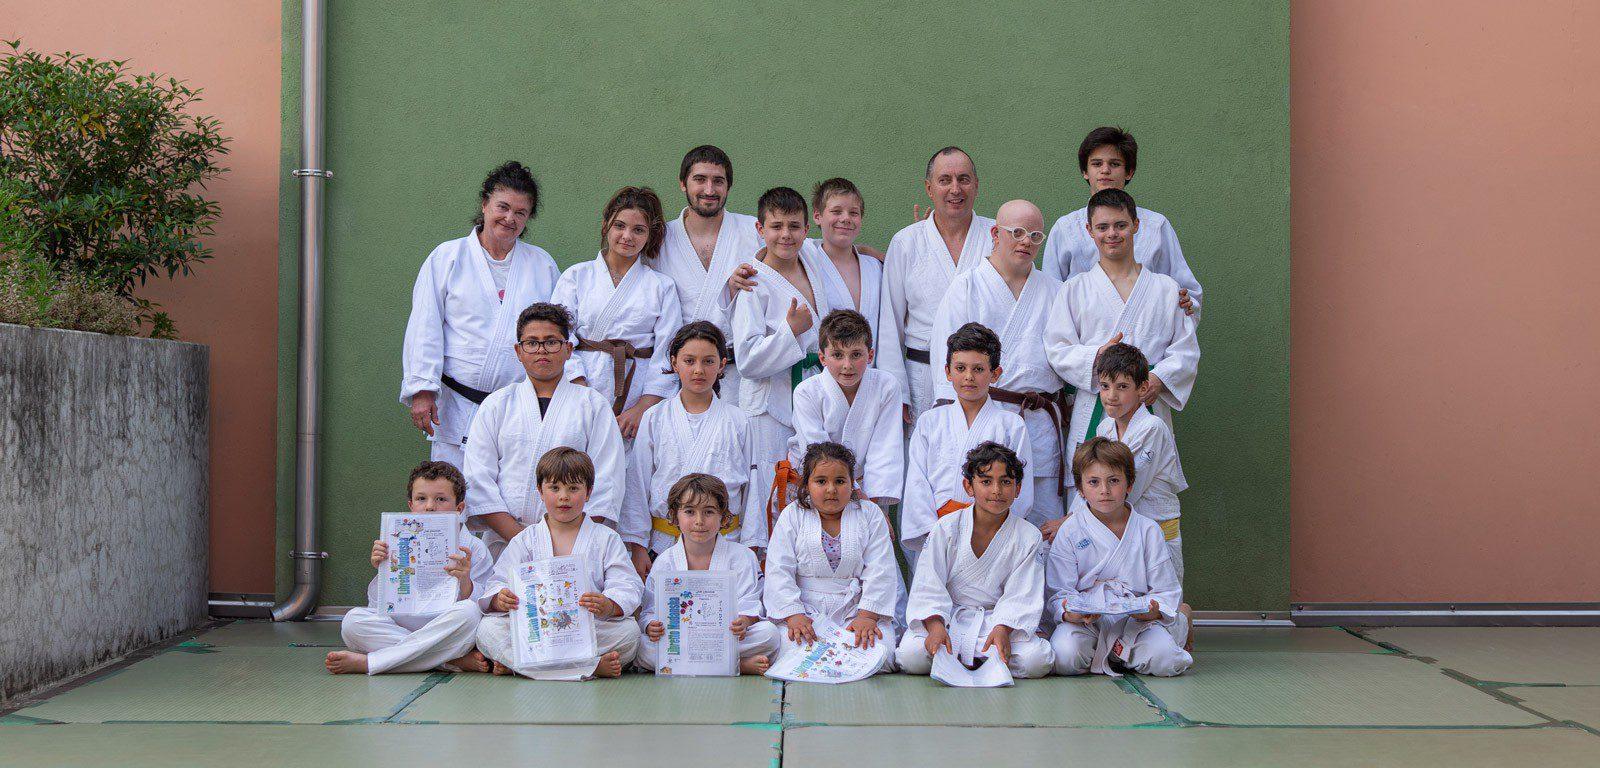 Associazione APS Judo Star Riva a Riva del Garda